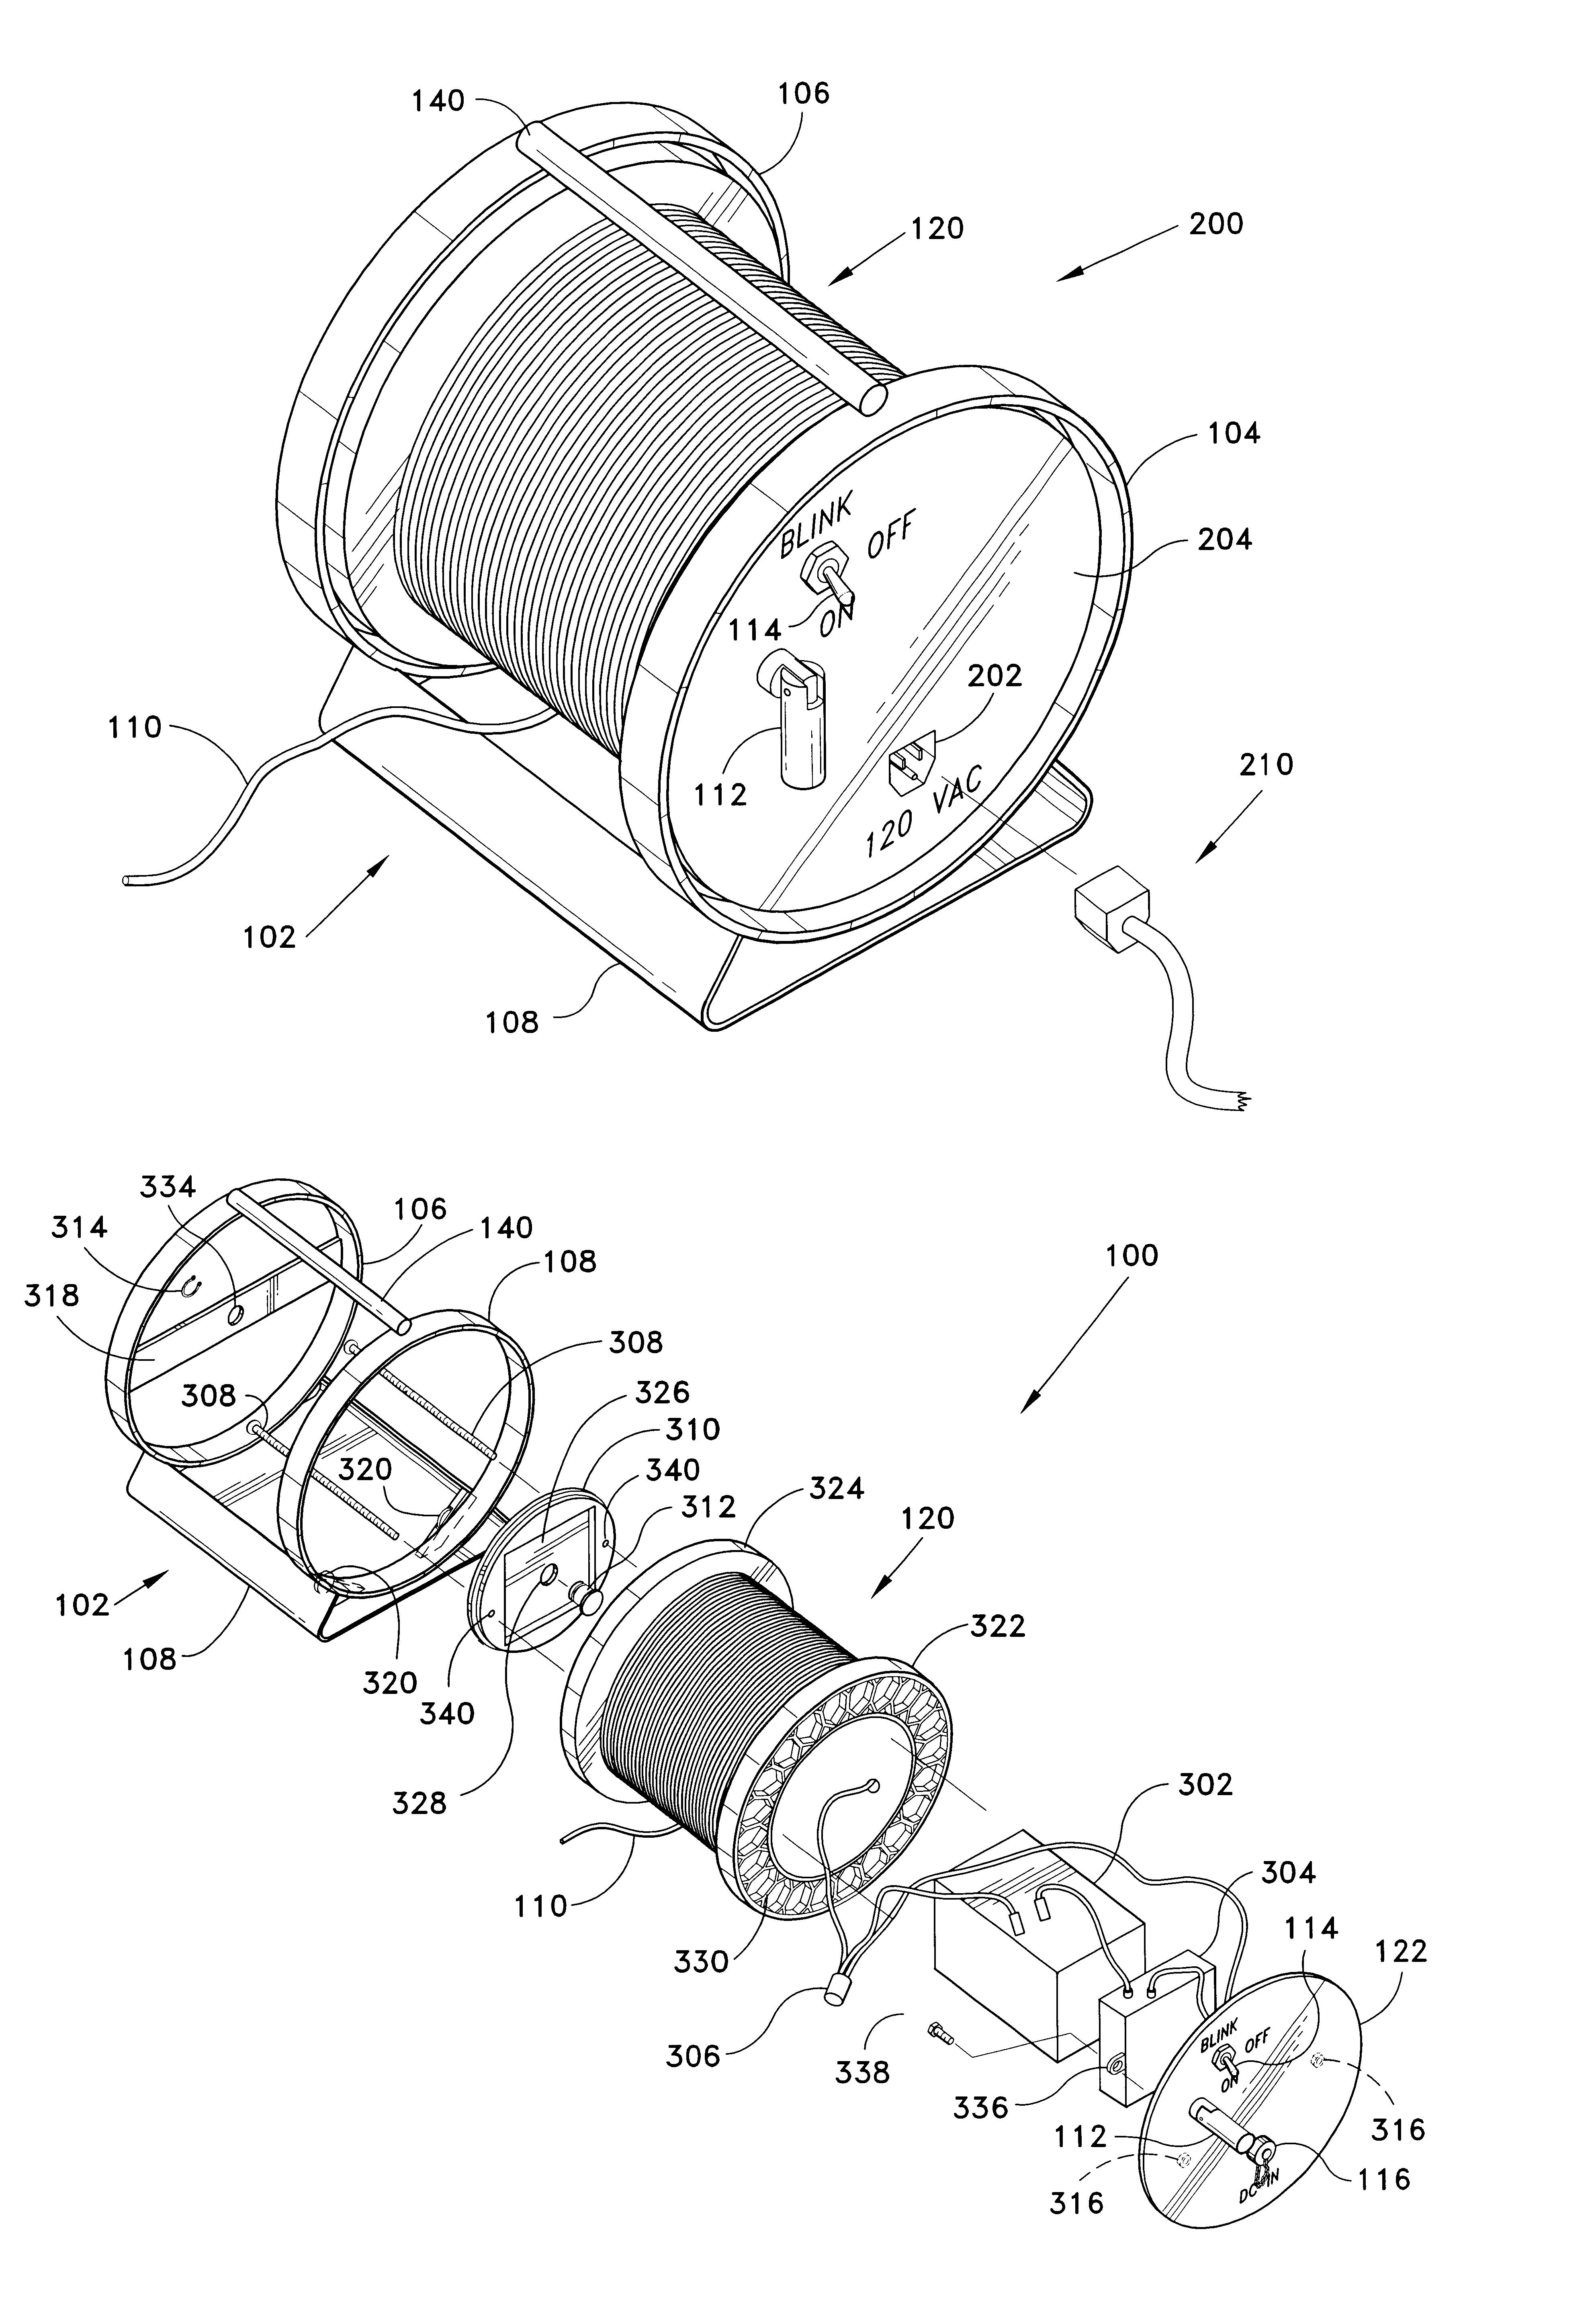 scosche gm3000 wiring diagram scosche image wiring scosche wiring diagram images on scosche gm3000 wiring diagram